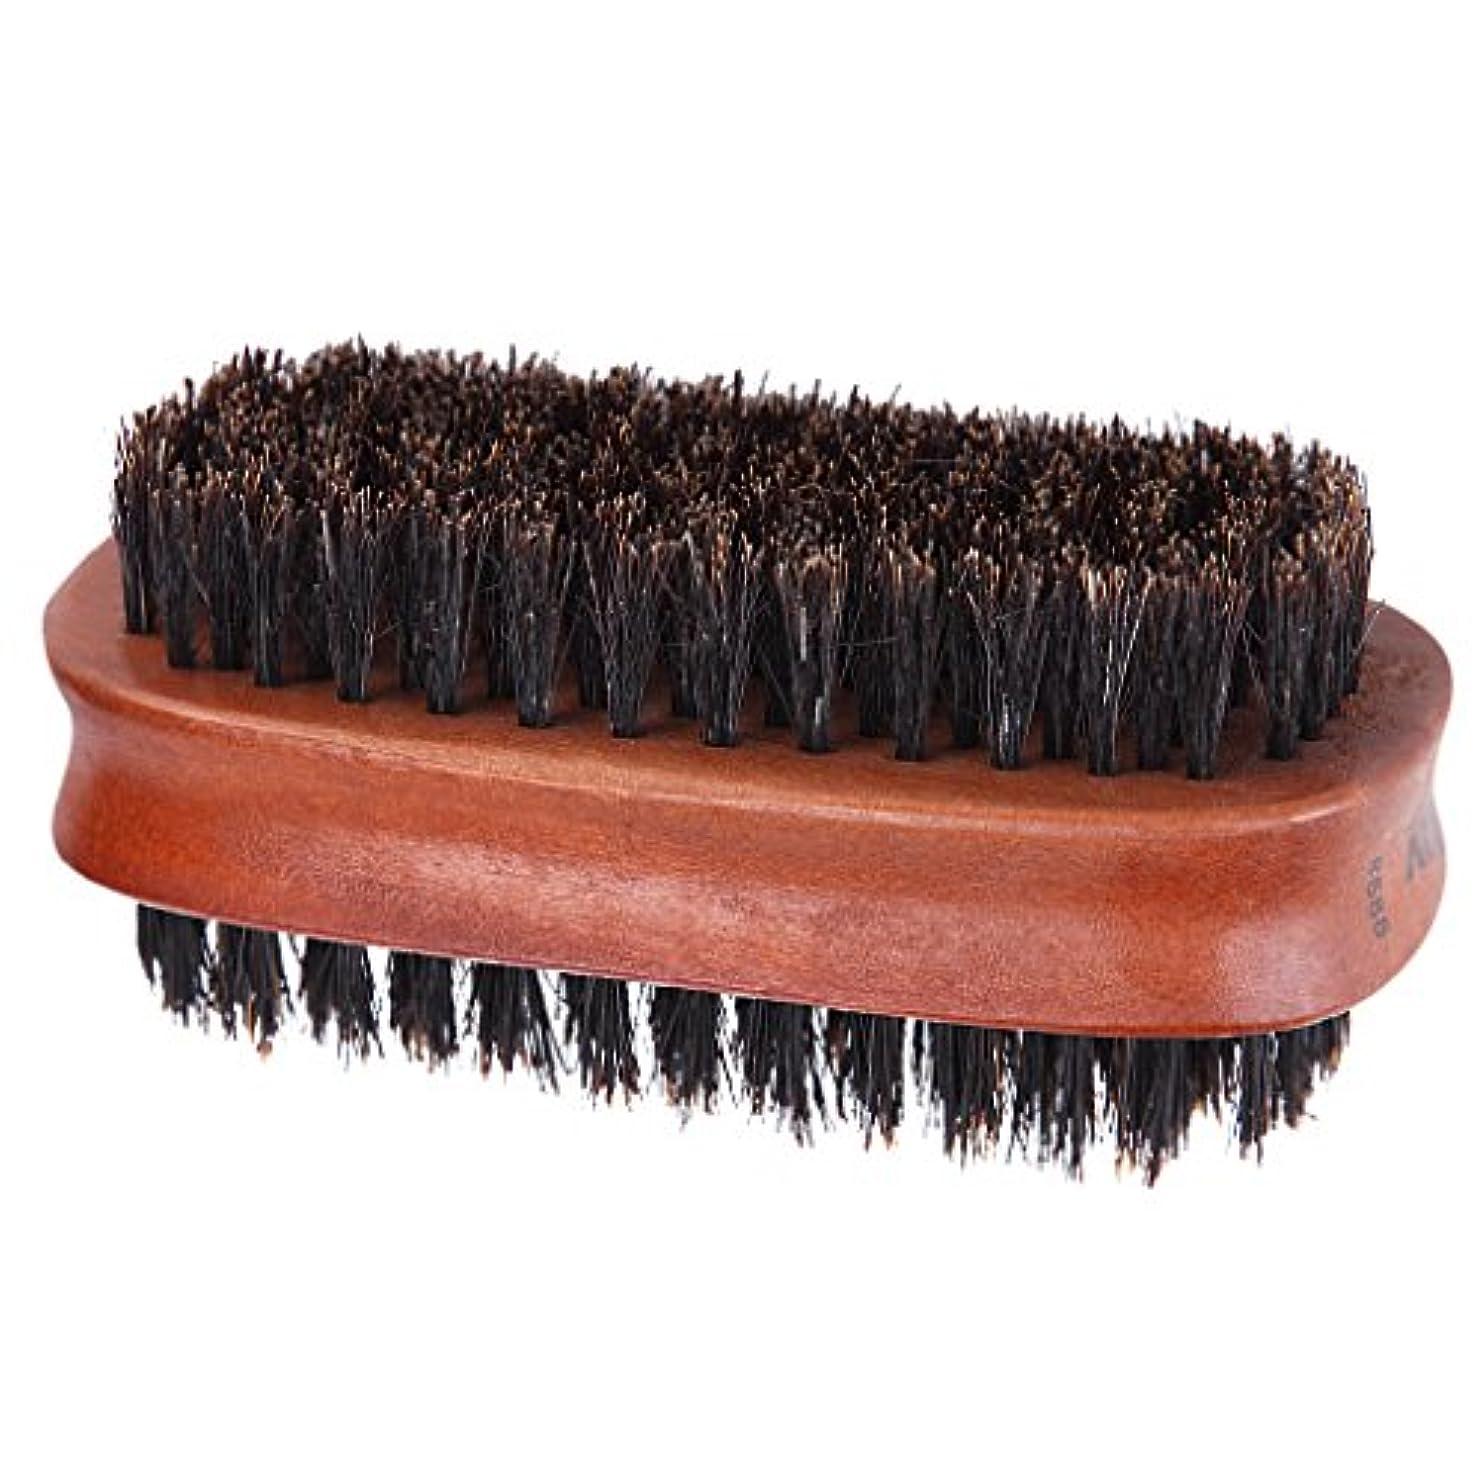 責任者おばあさんリマークKesoto ヘアブラシ 両面ブラシ 理髪店 美容院  ソフトブラシ ヘアカッター ダスターブラシ